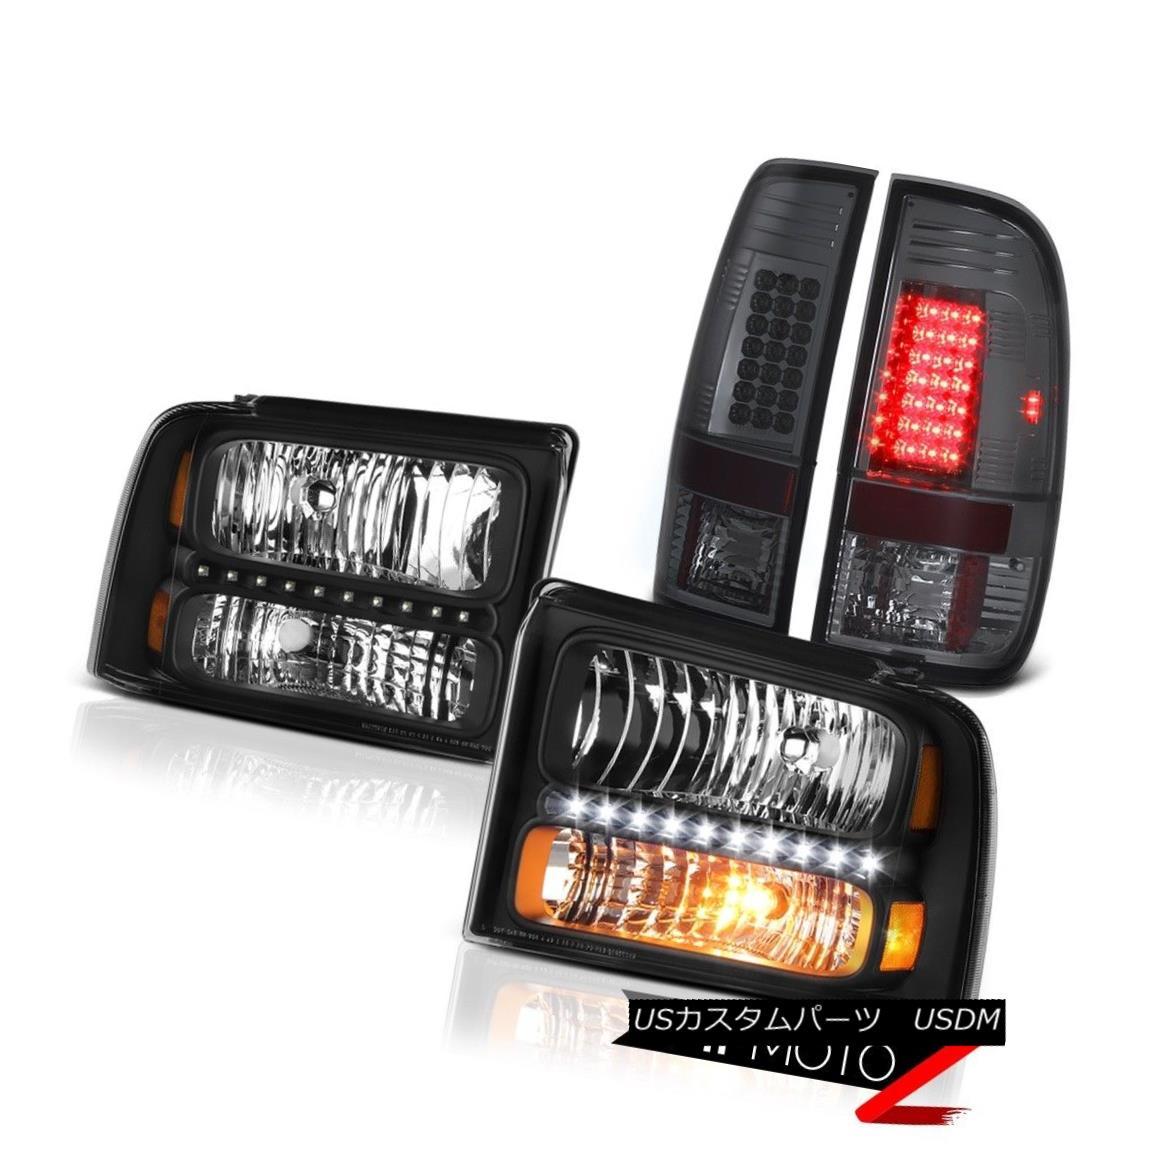 テールライト Left Right Black Headlights Smoke LED Tail Light 2005 2006 2007 Ford F350 Lariat 左右黒ヘッドライトスモークLEDテールライト2005 2006 2007 Ford F350 Lariat